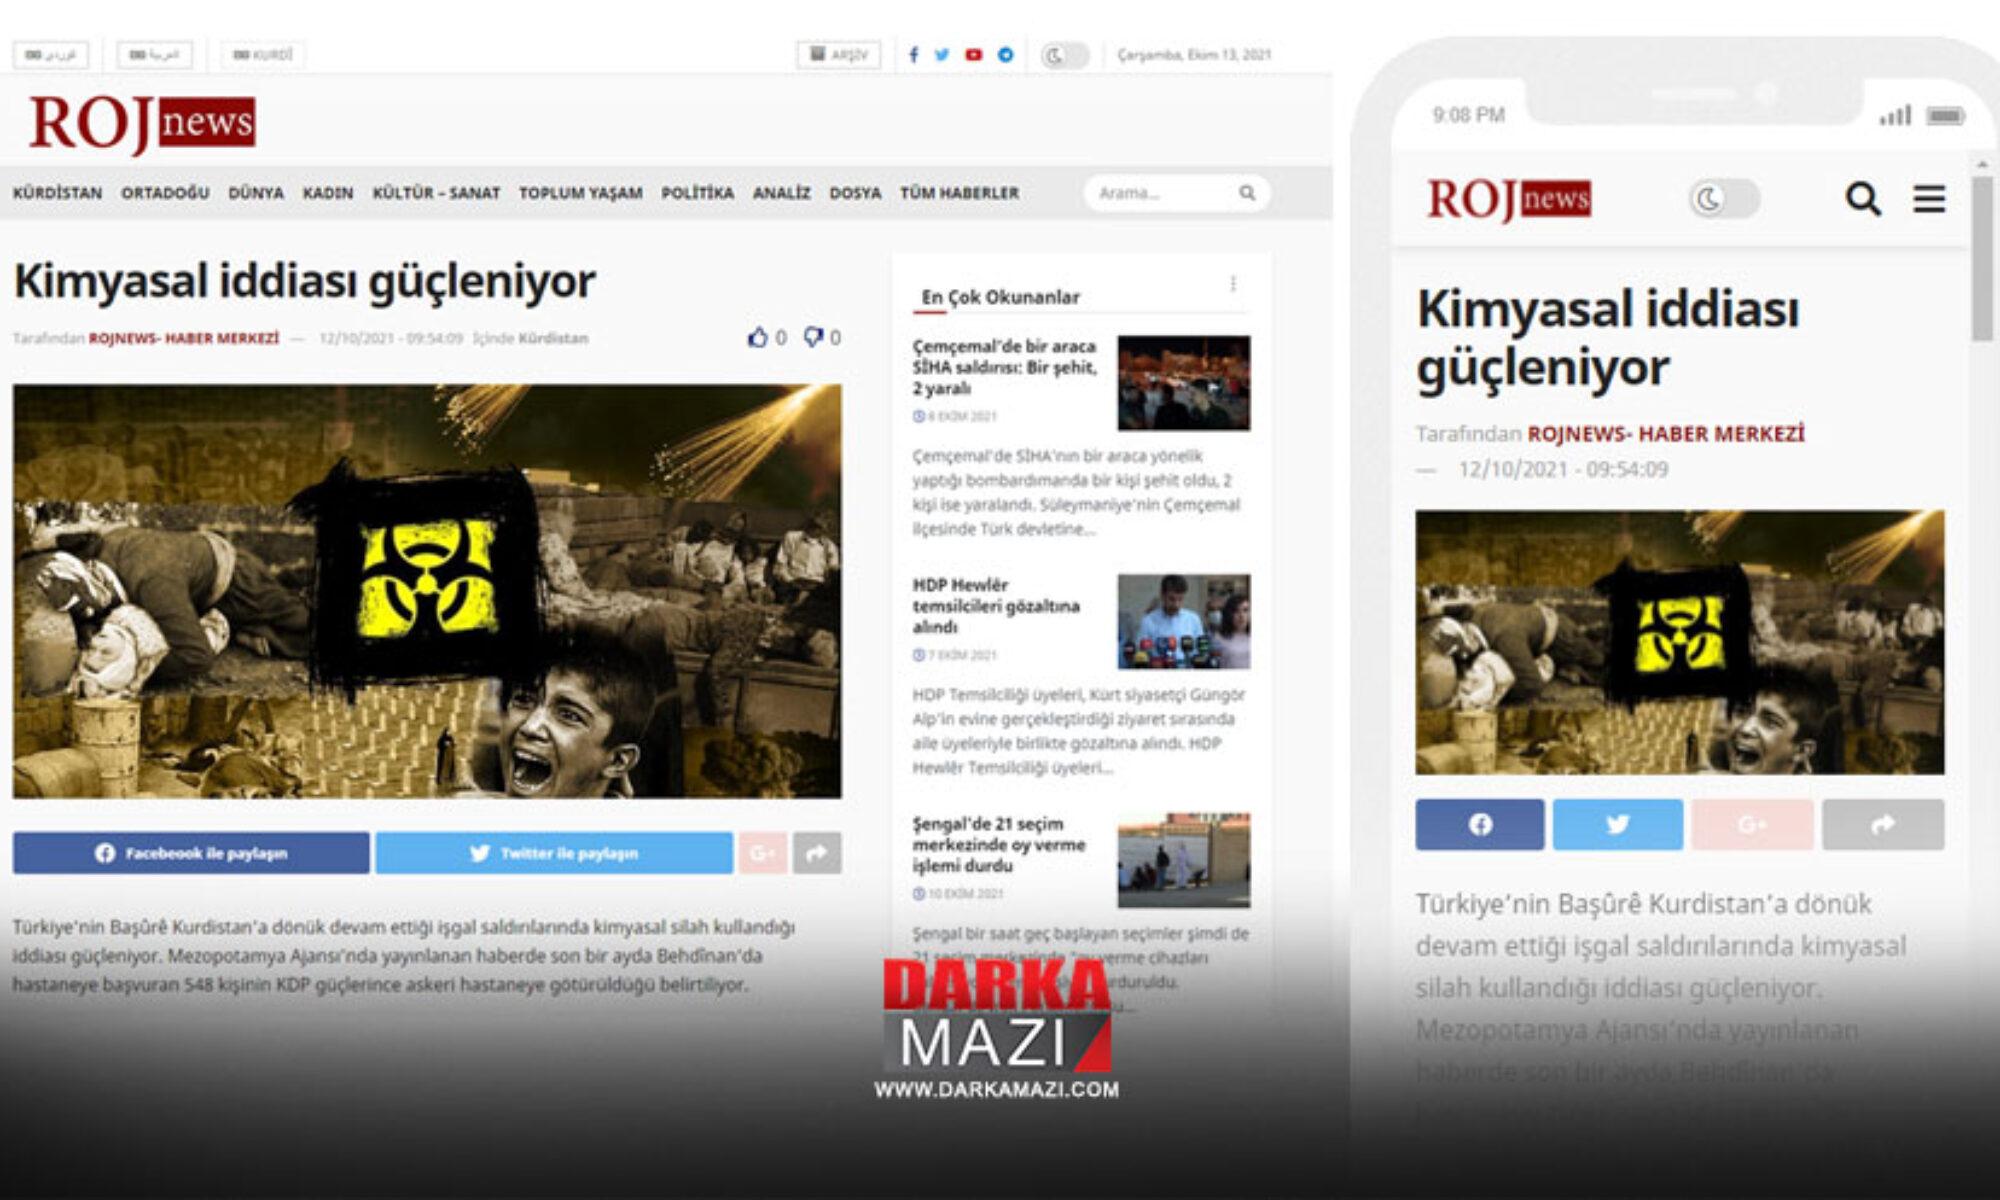 PKK medyası: Duhok'ta kimsal silahtan etkilenen 544 kişi gizli tedavi ediliyor Rojnews, Mezopotamya haber ajansı, Kani Masi,